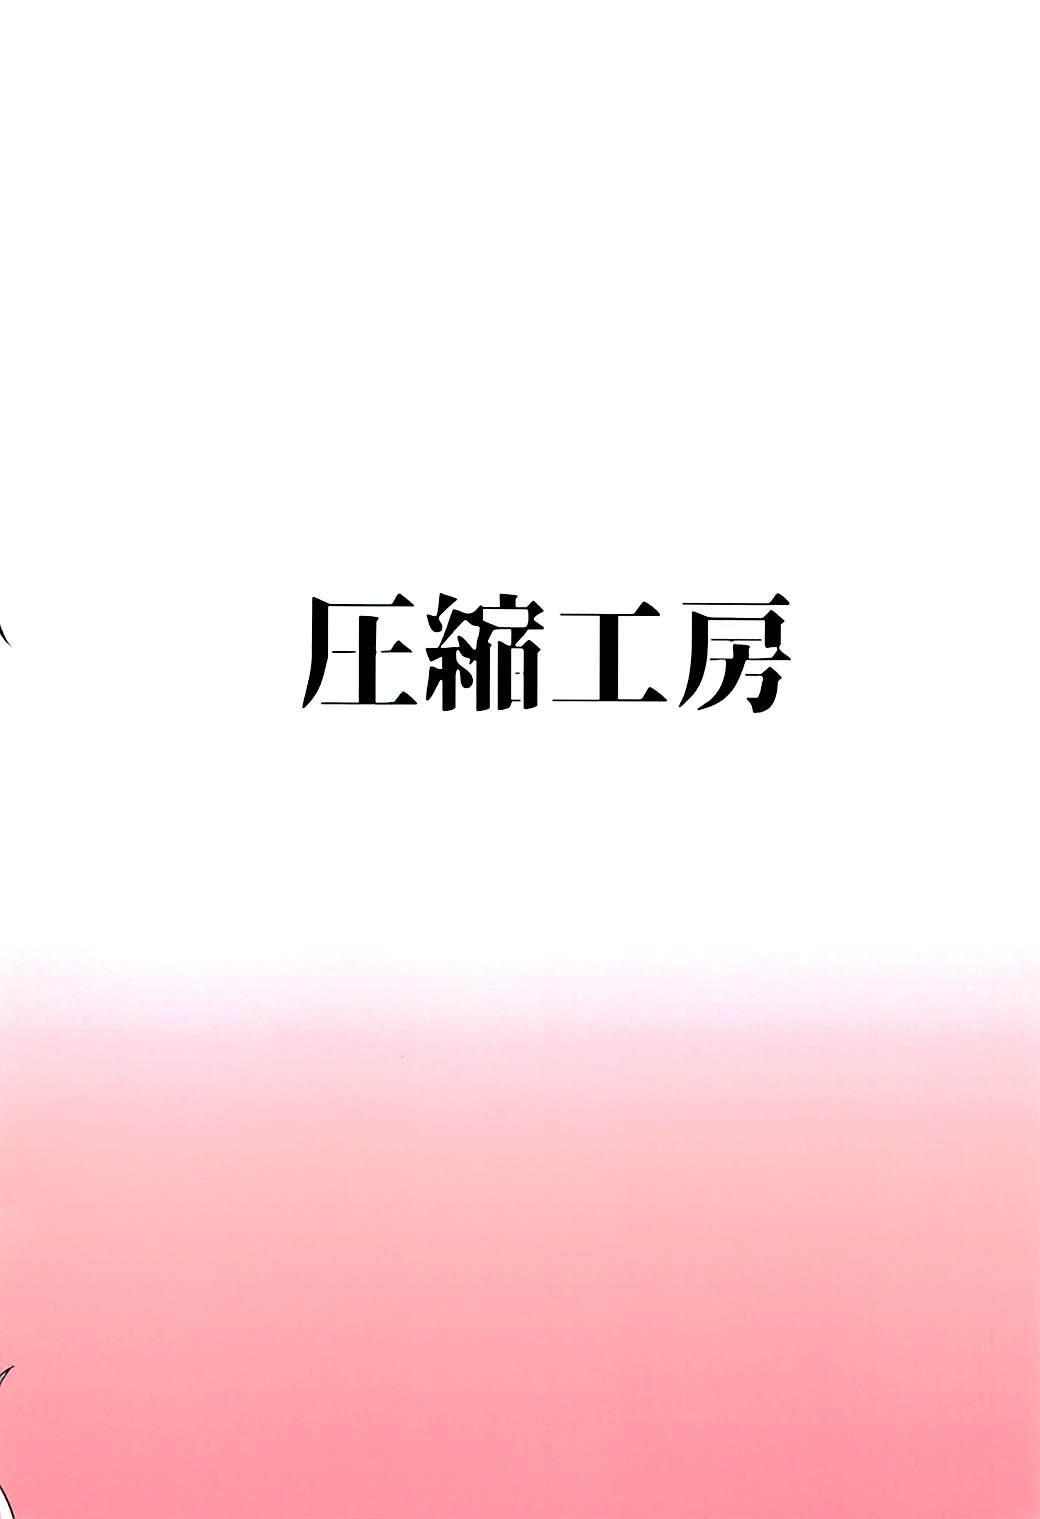 Youkai no Yama de Kimodameshi 21